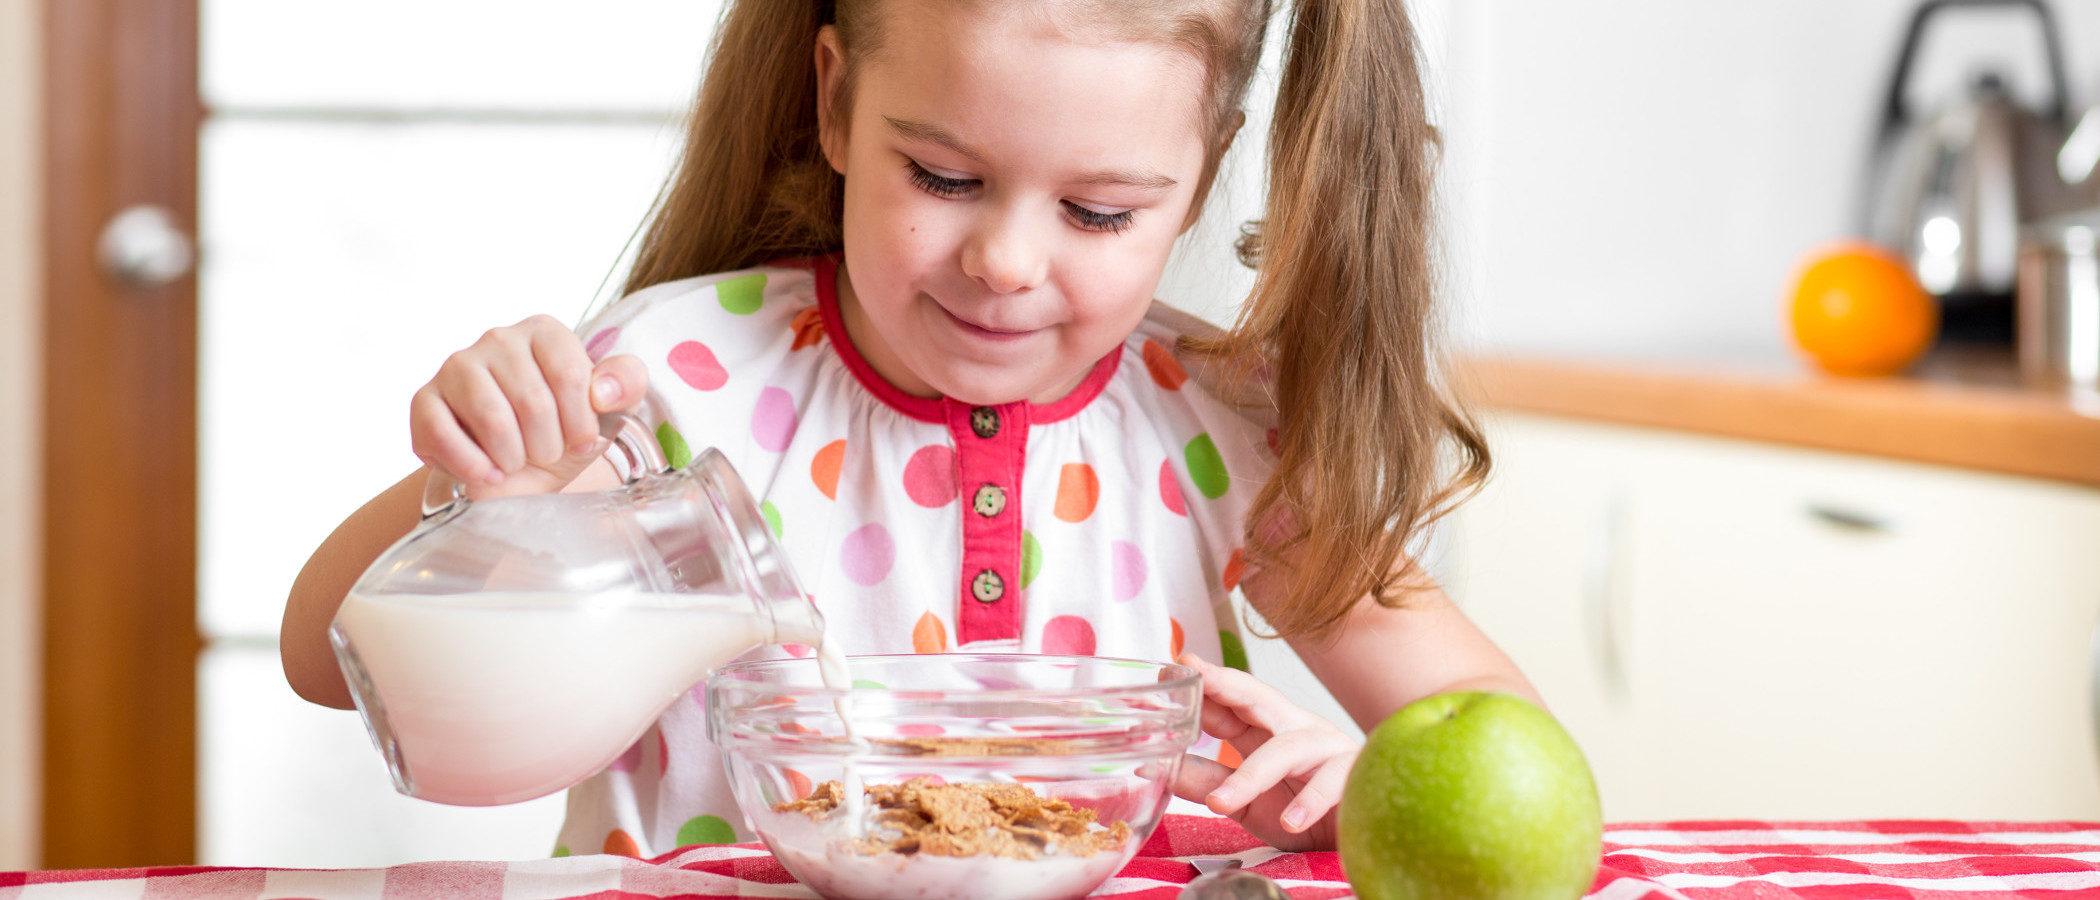 Mi hijo no quiere desayunar, ¿qué puedo hacer?